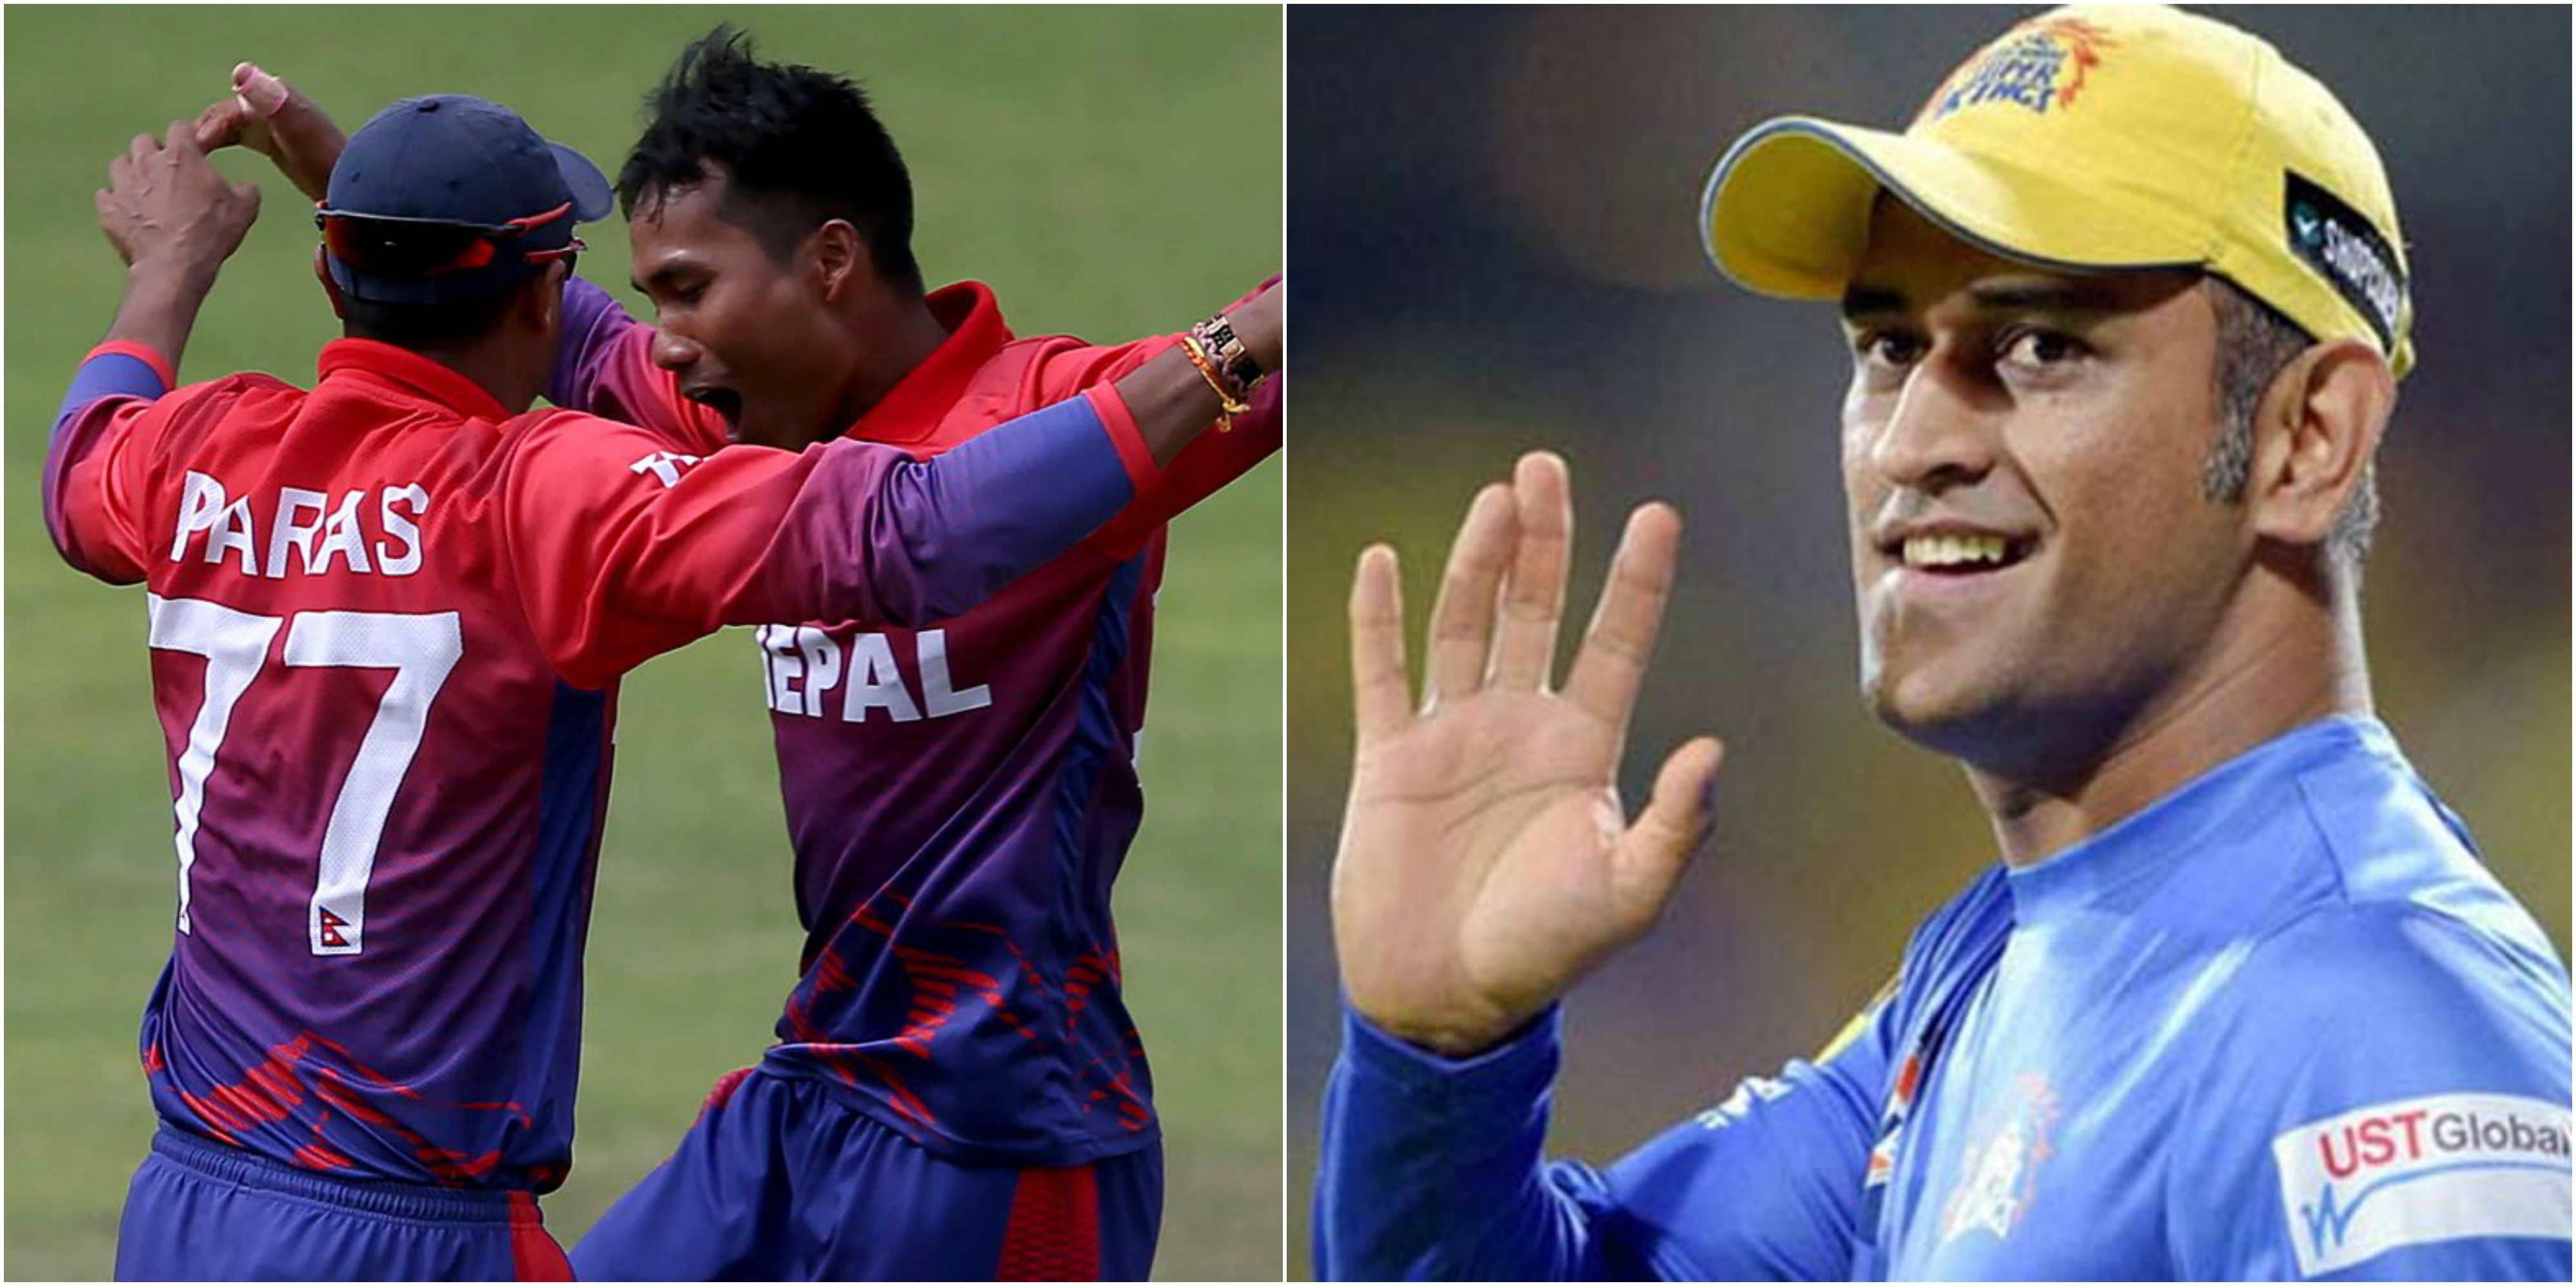 नेपाल को वनडे क्रिकेट का दर्जा मिलने के बाद पहली बार बोले पूर्व भारतीय कप्तान महेंद्र सिंह धोनी ने नेपाल को दिया ये सलाह